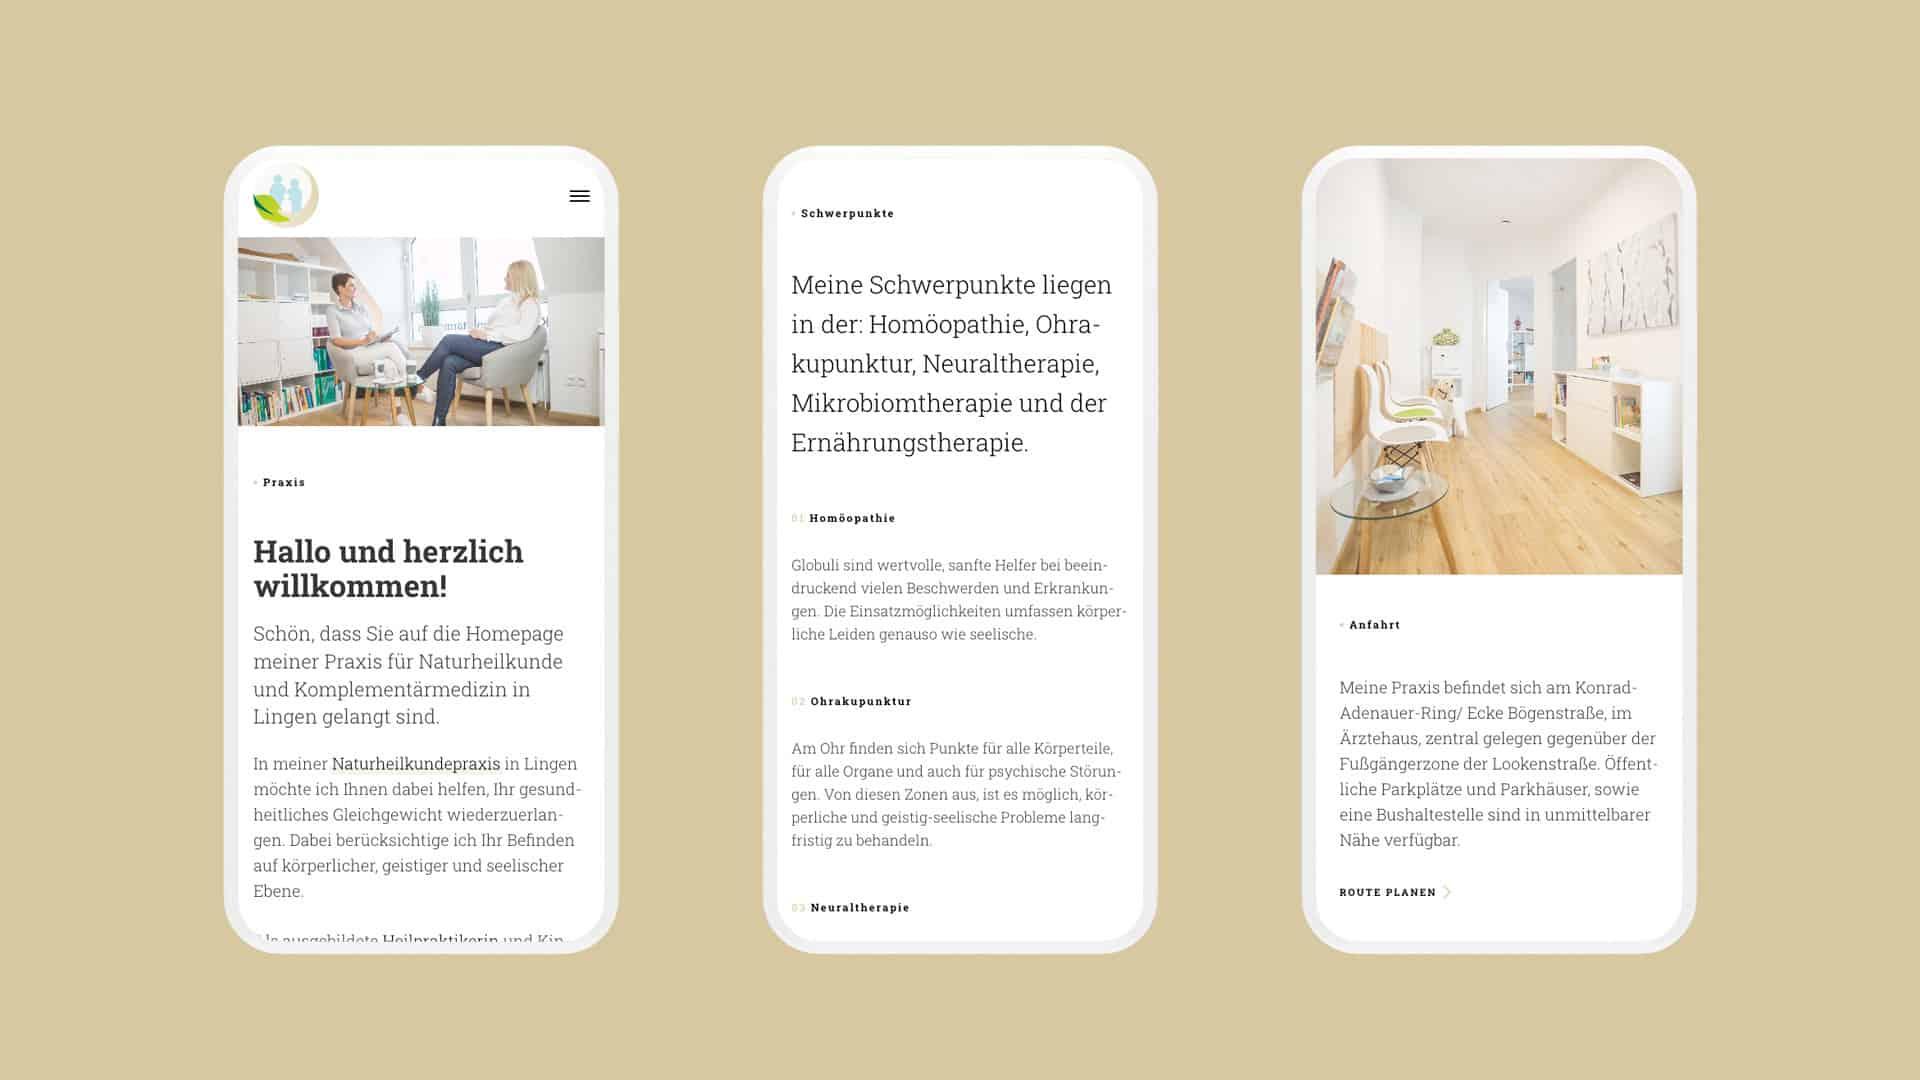 Webdesign und Umsetzung einer responsiven Website für eine Naturheilkundepraxis aus Lingen